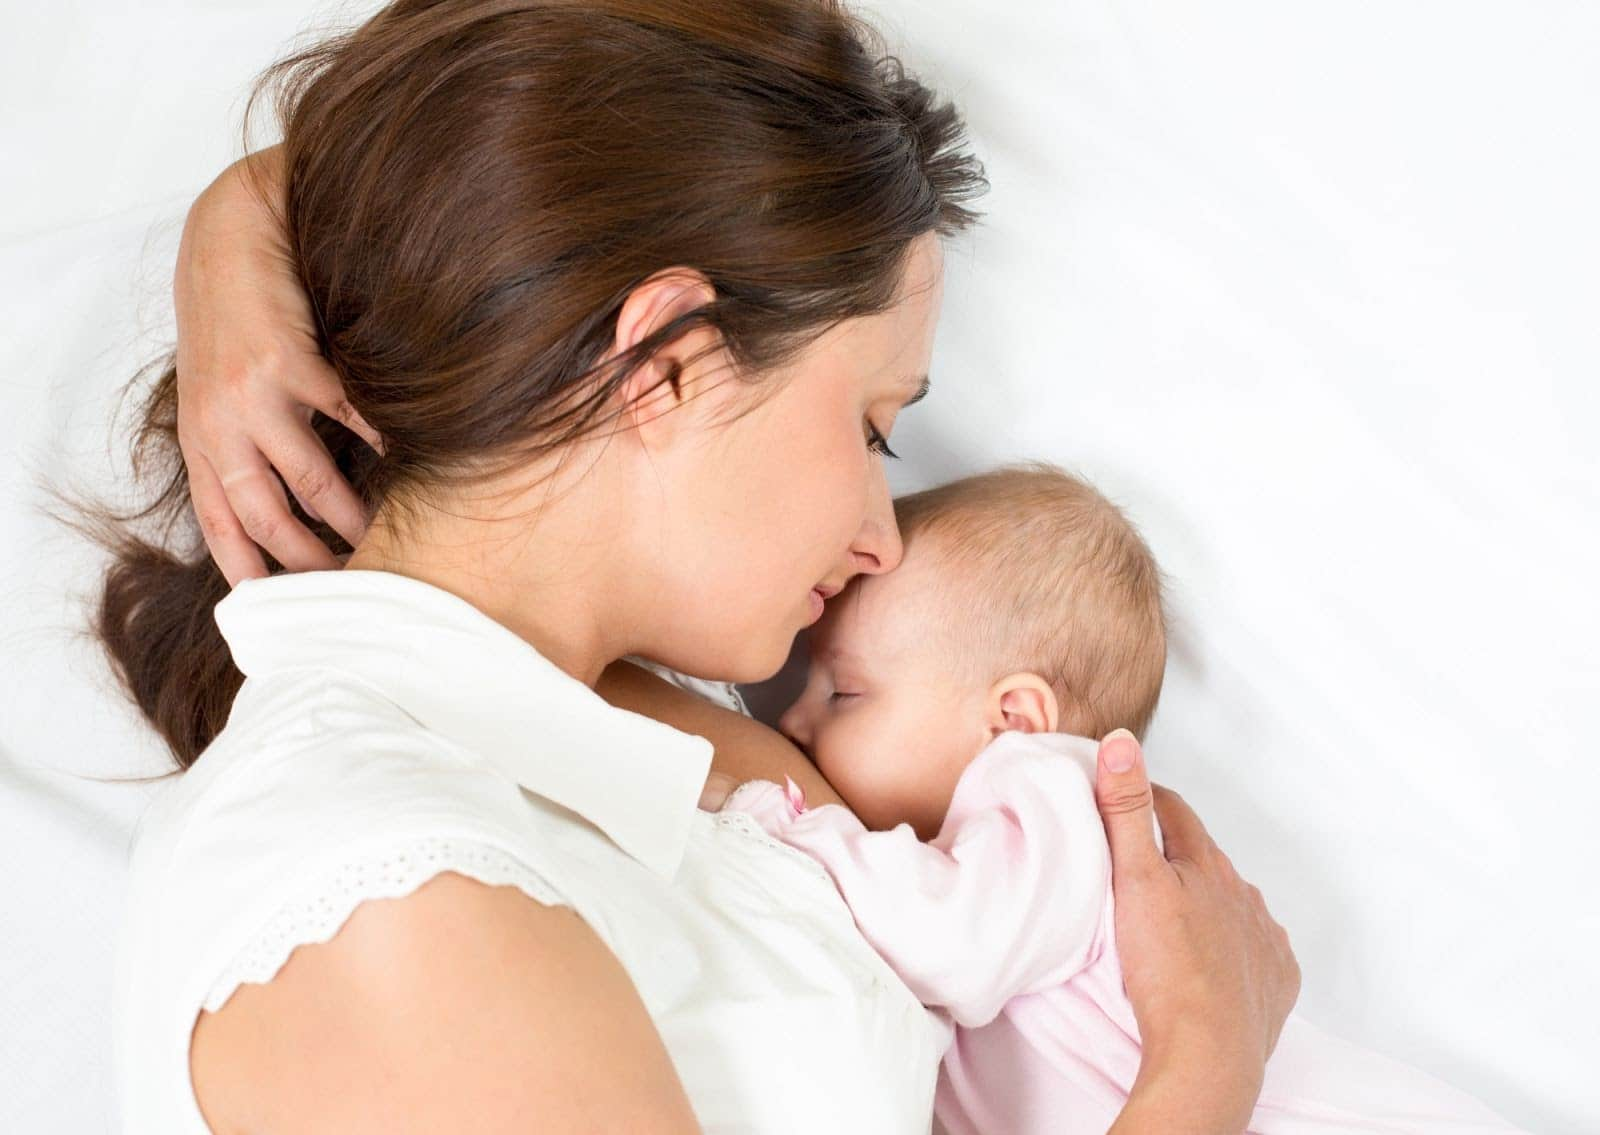 Chị em nên lựa chọn phương pháp tránh thai an toàn khi đang cho con bú